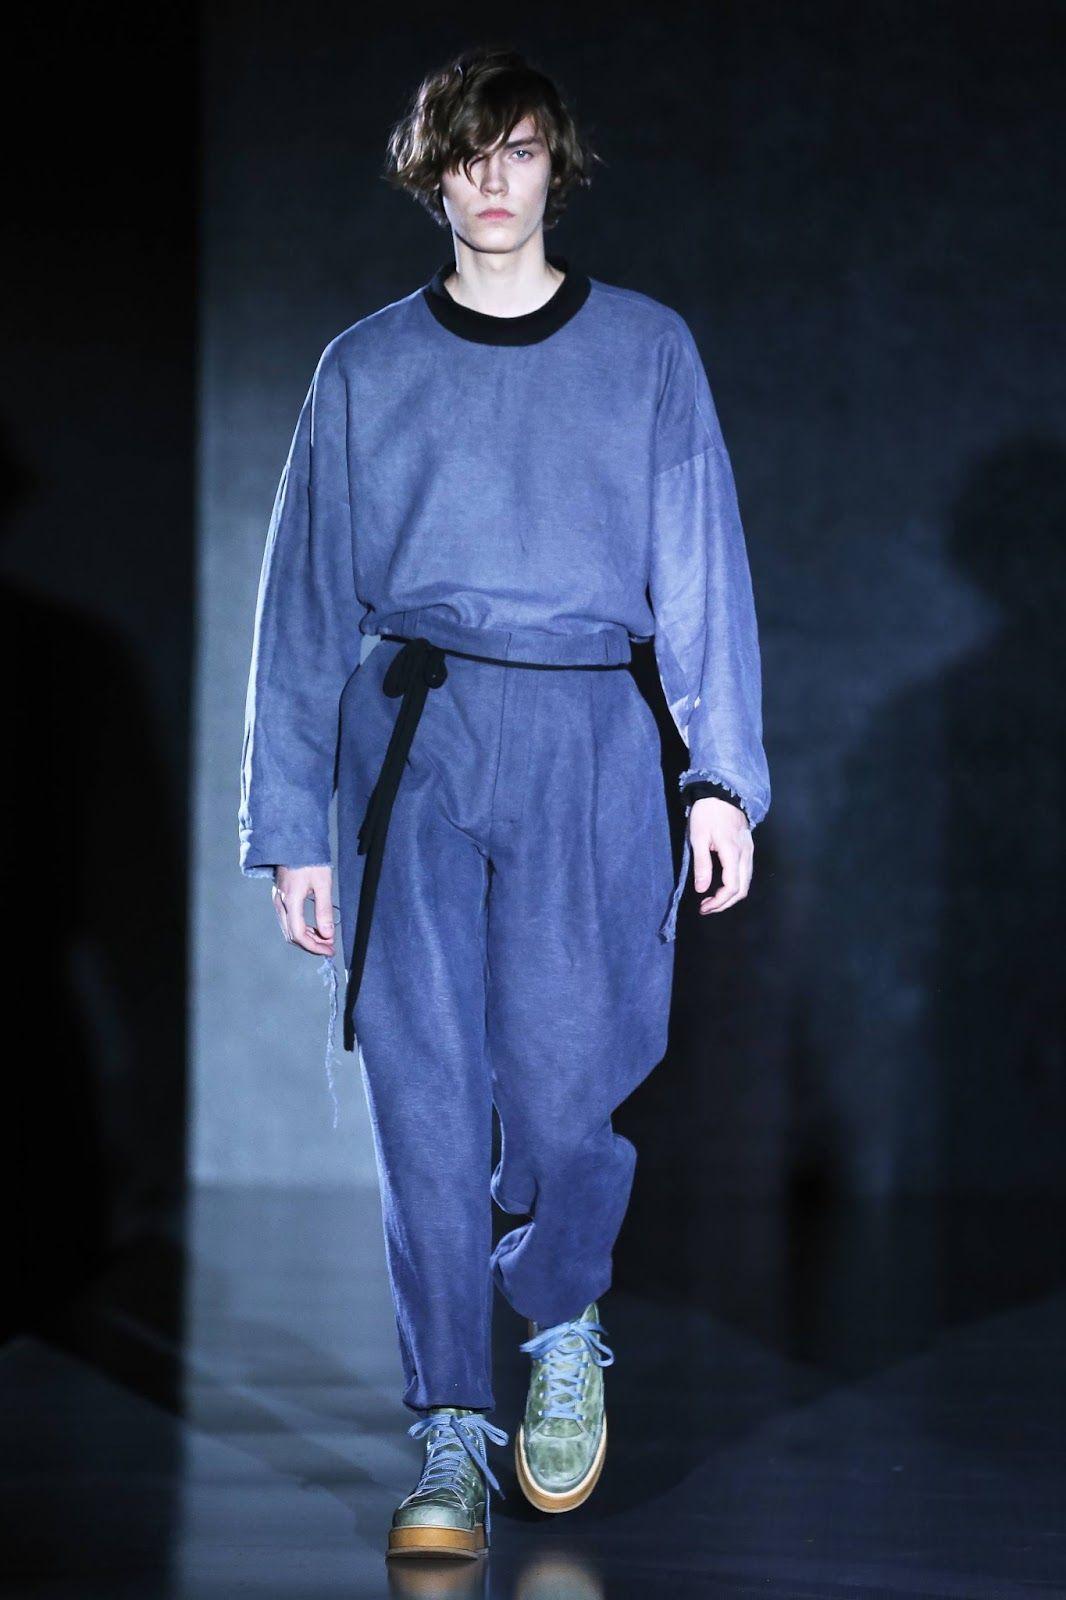 Colores agrestes, telas fluidas, y tonos grisáceos forman parte de la colección de invierno de la firma Pirosmani